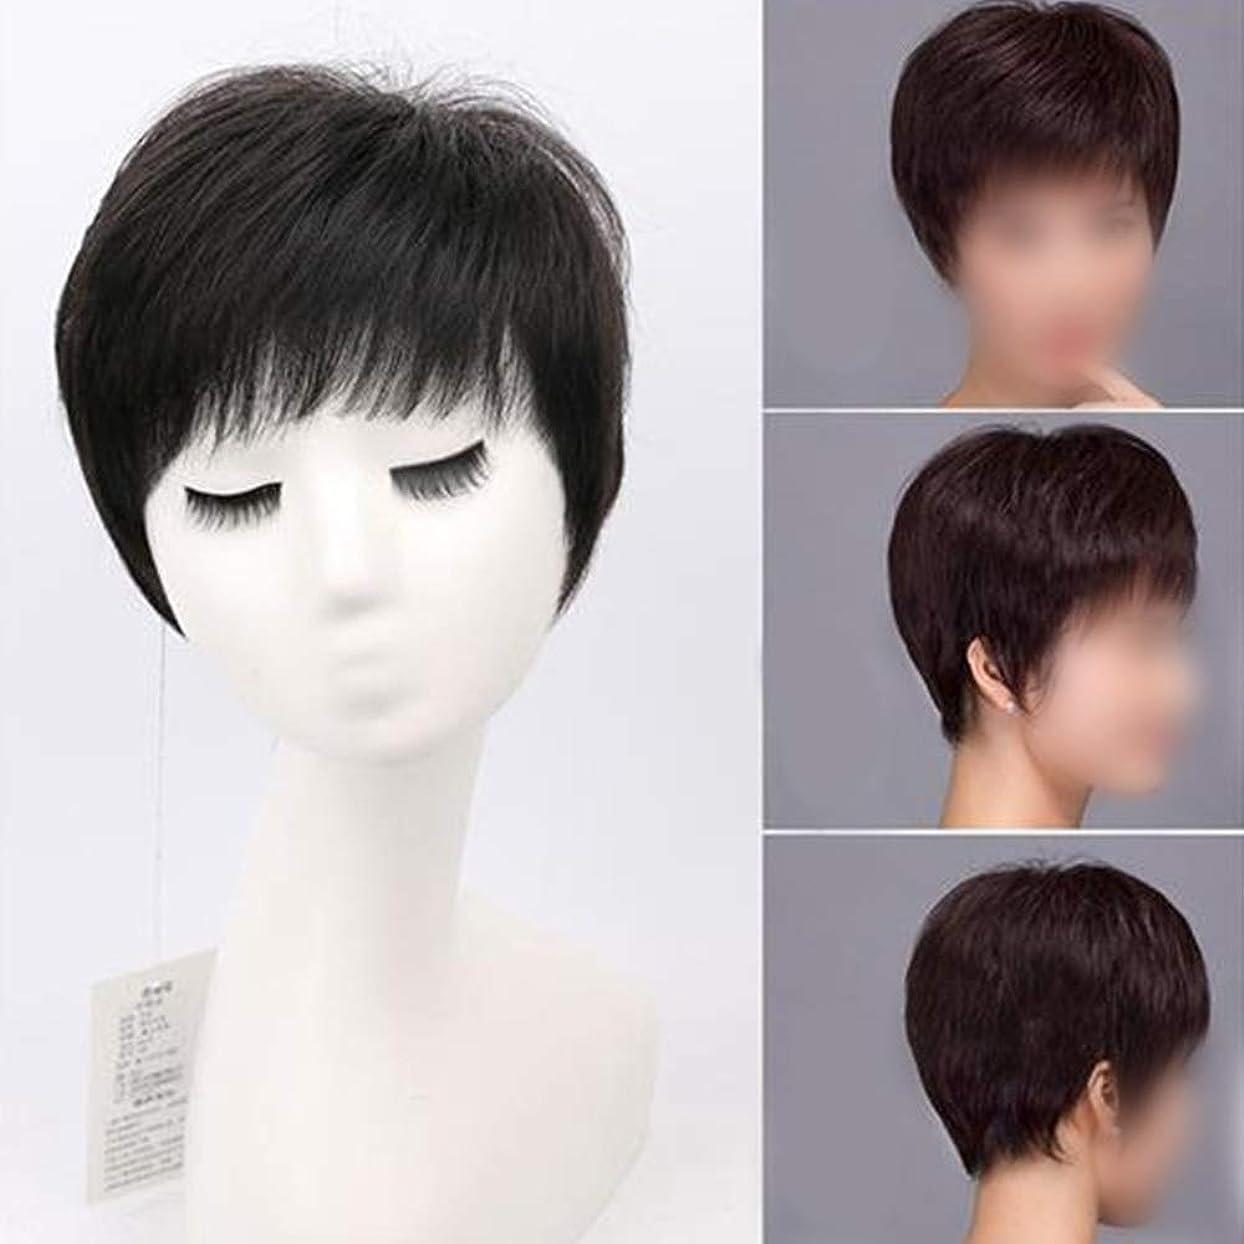 おもてなしバブルベテランYAHONGOE 女性のための空気前髪付きリアルヘアショートストレートヘアミドルとオールドウィッグナチュラルリアルなファッションウィッグ (色 : ワインレッド)